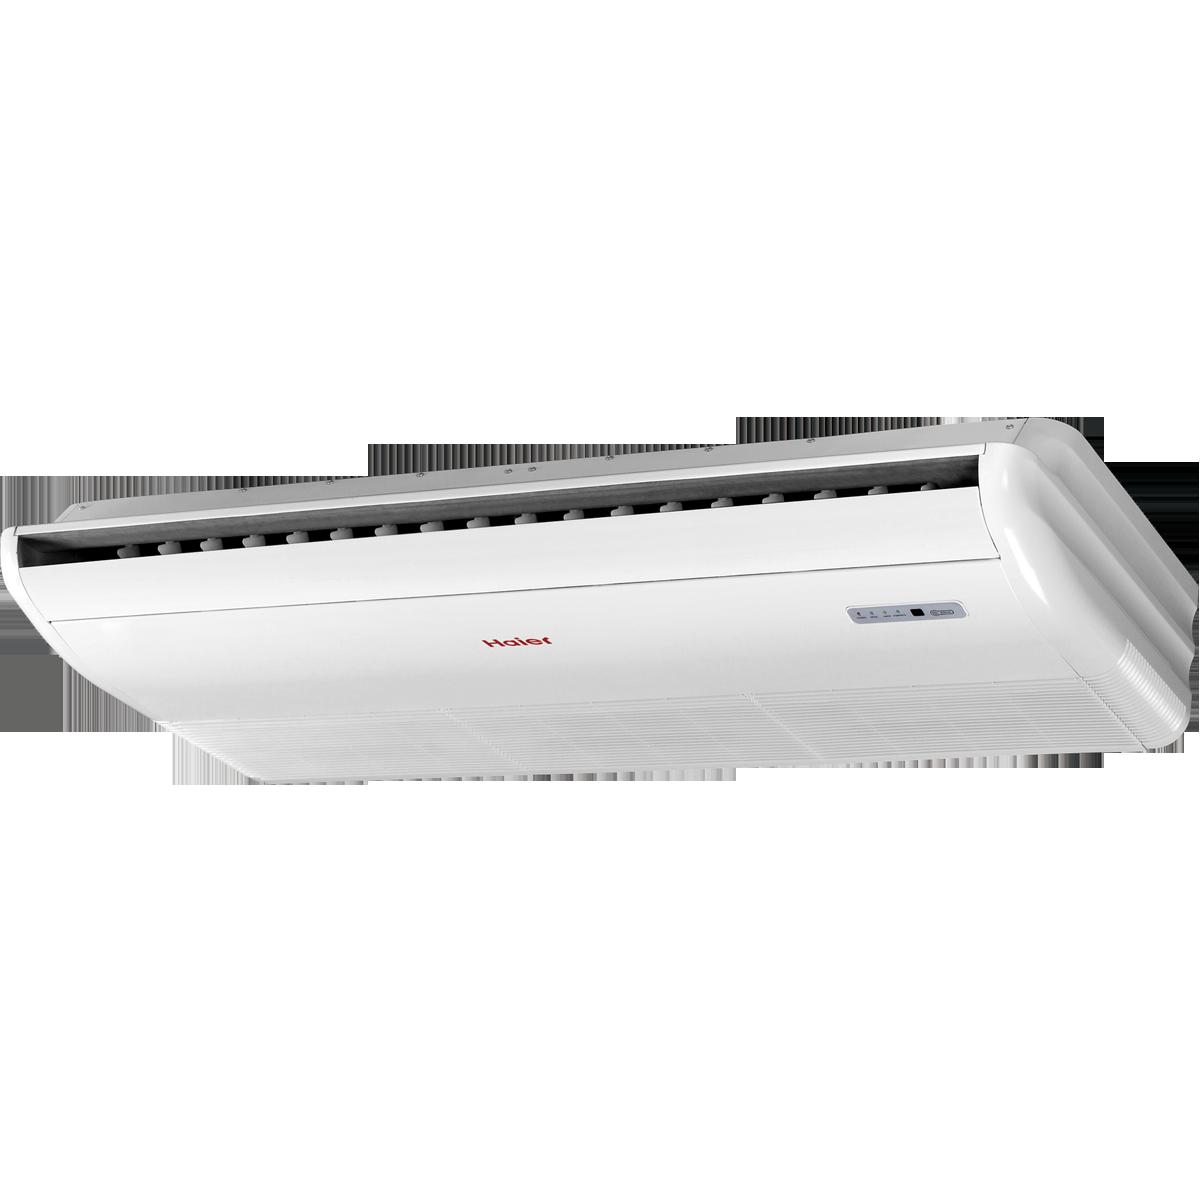 Напольно-потолочная сплит-система HAIER AC60FS1ERA(S)/1U60IS1EAB(S)